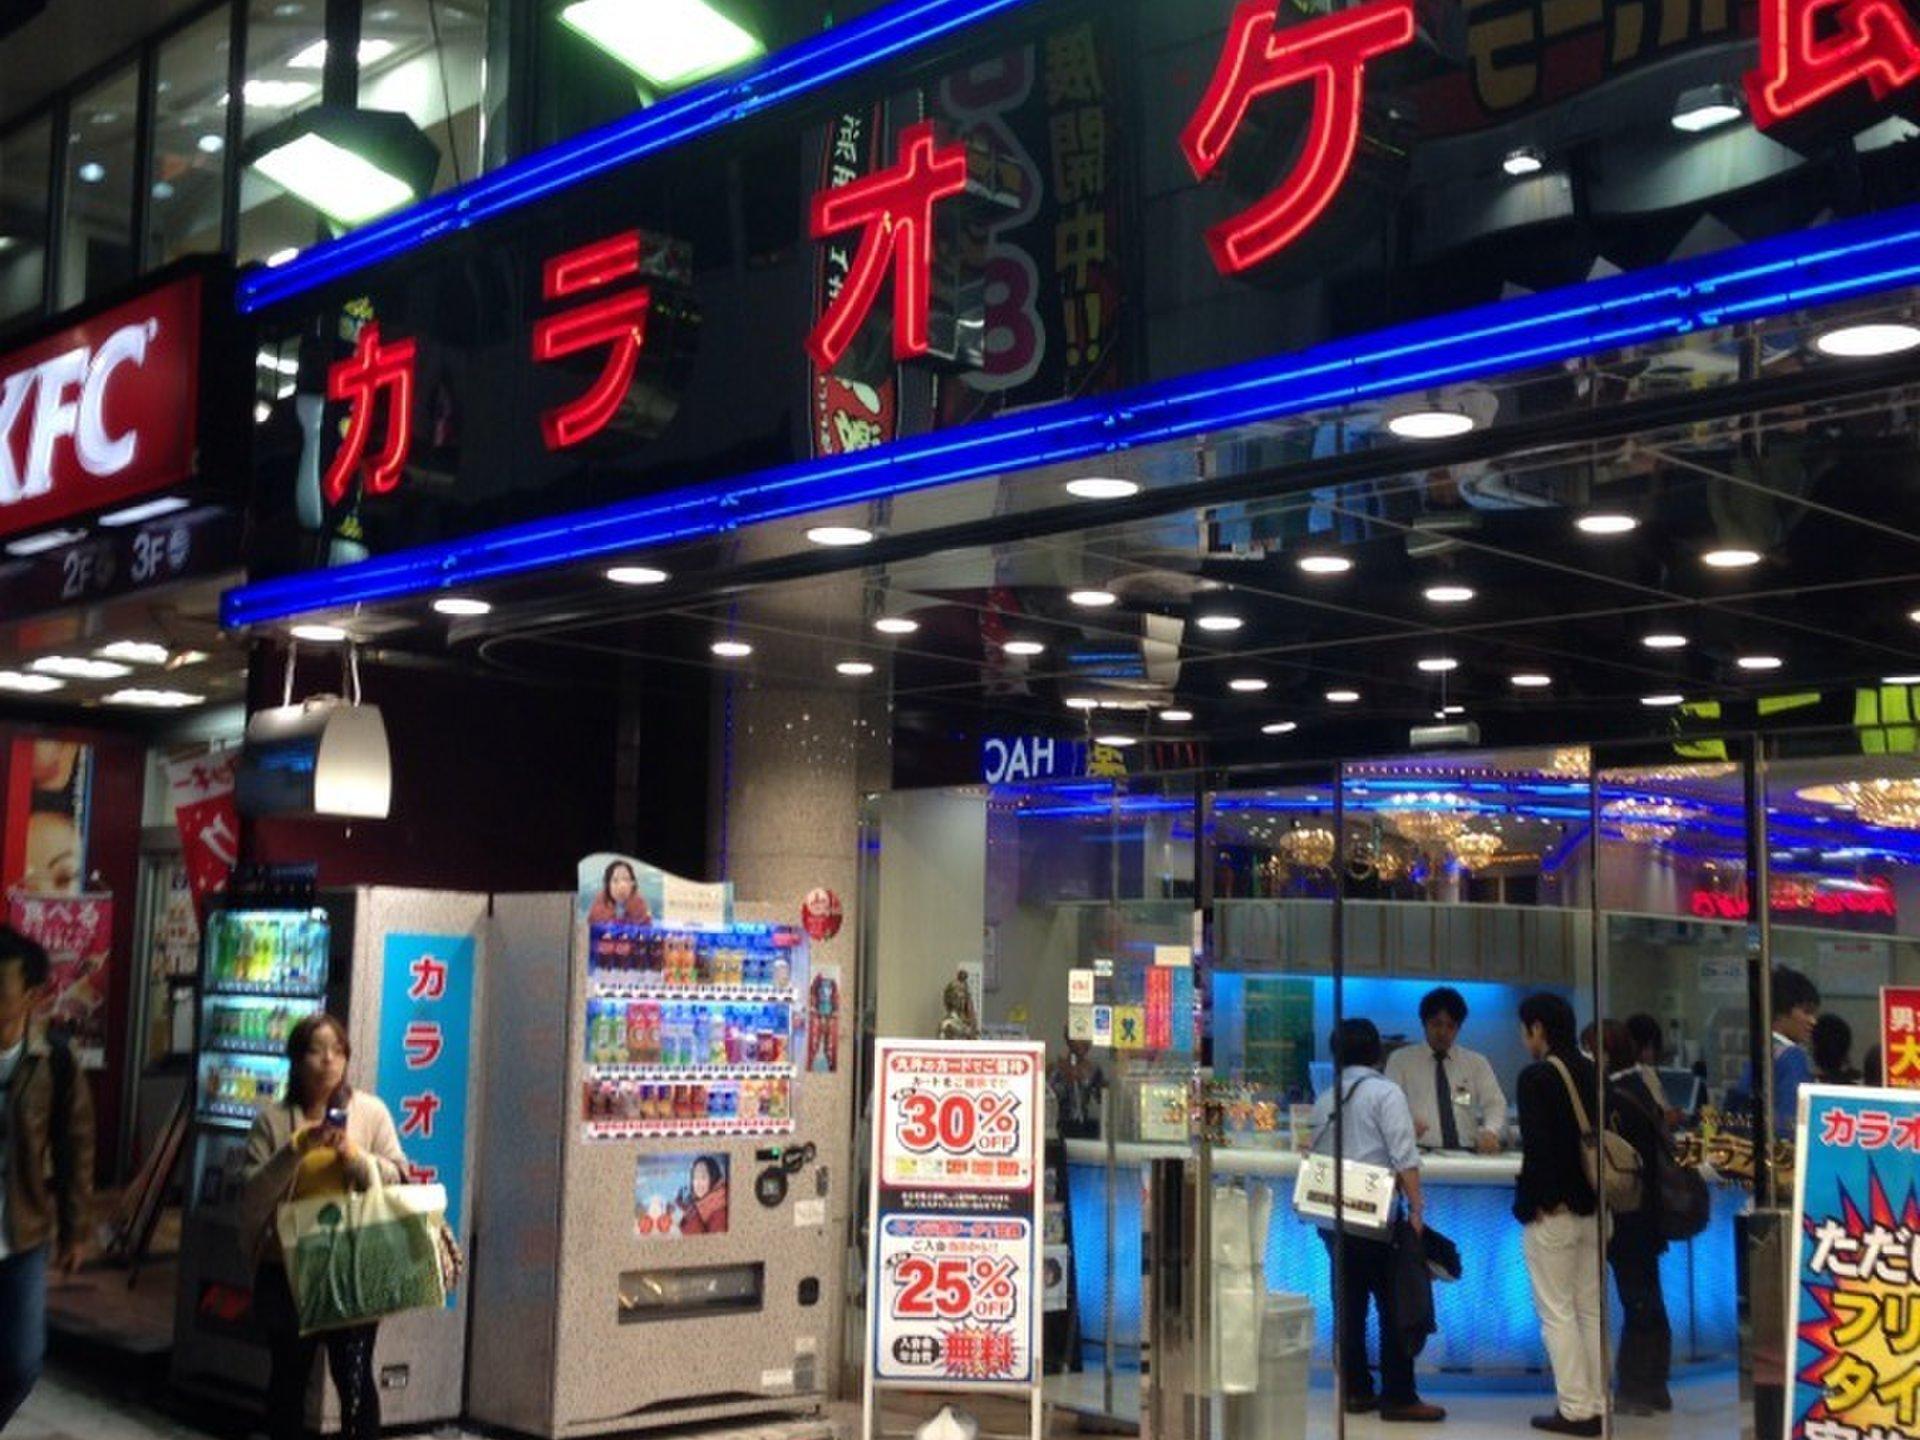 【横浜】カラオケ店をお探しならここ!コスパが良い、おすすめの10店をご紹介します♪